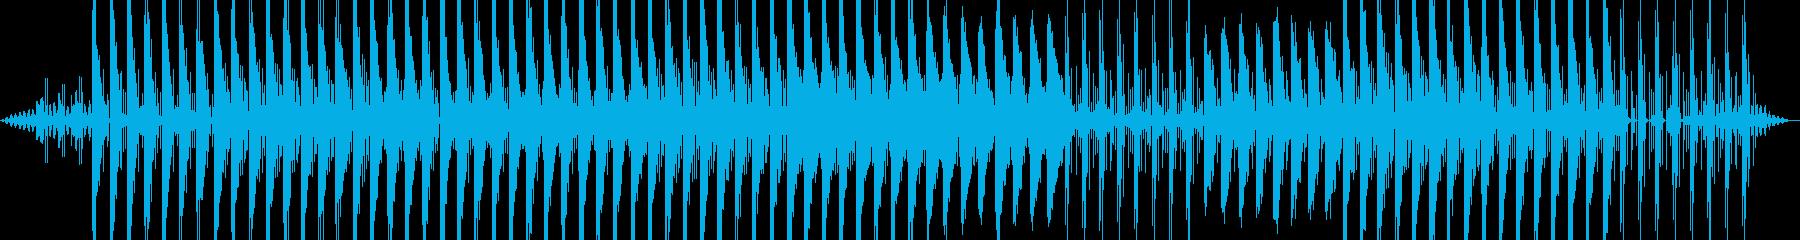 まったり暖かいイメージの再生済みの波形